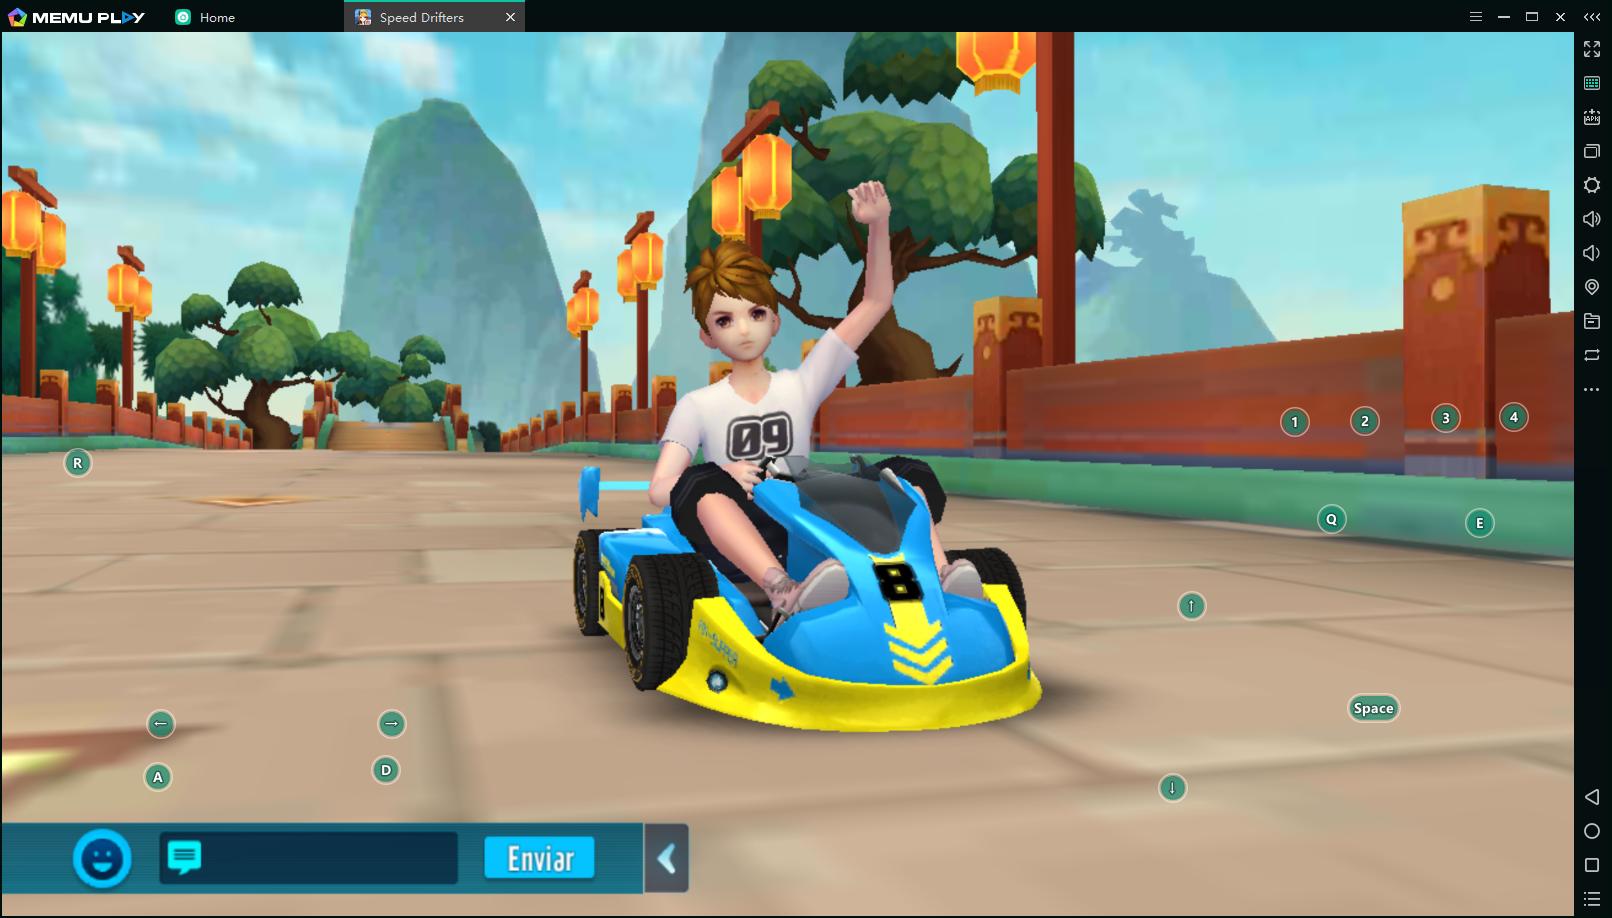 Desgargar y jugar Garena Speed Drifers en PC